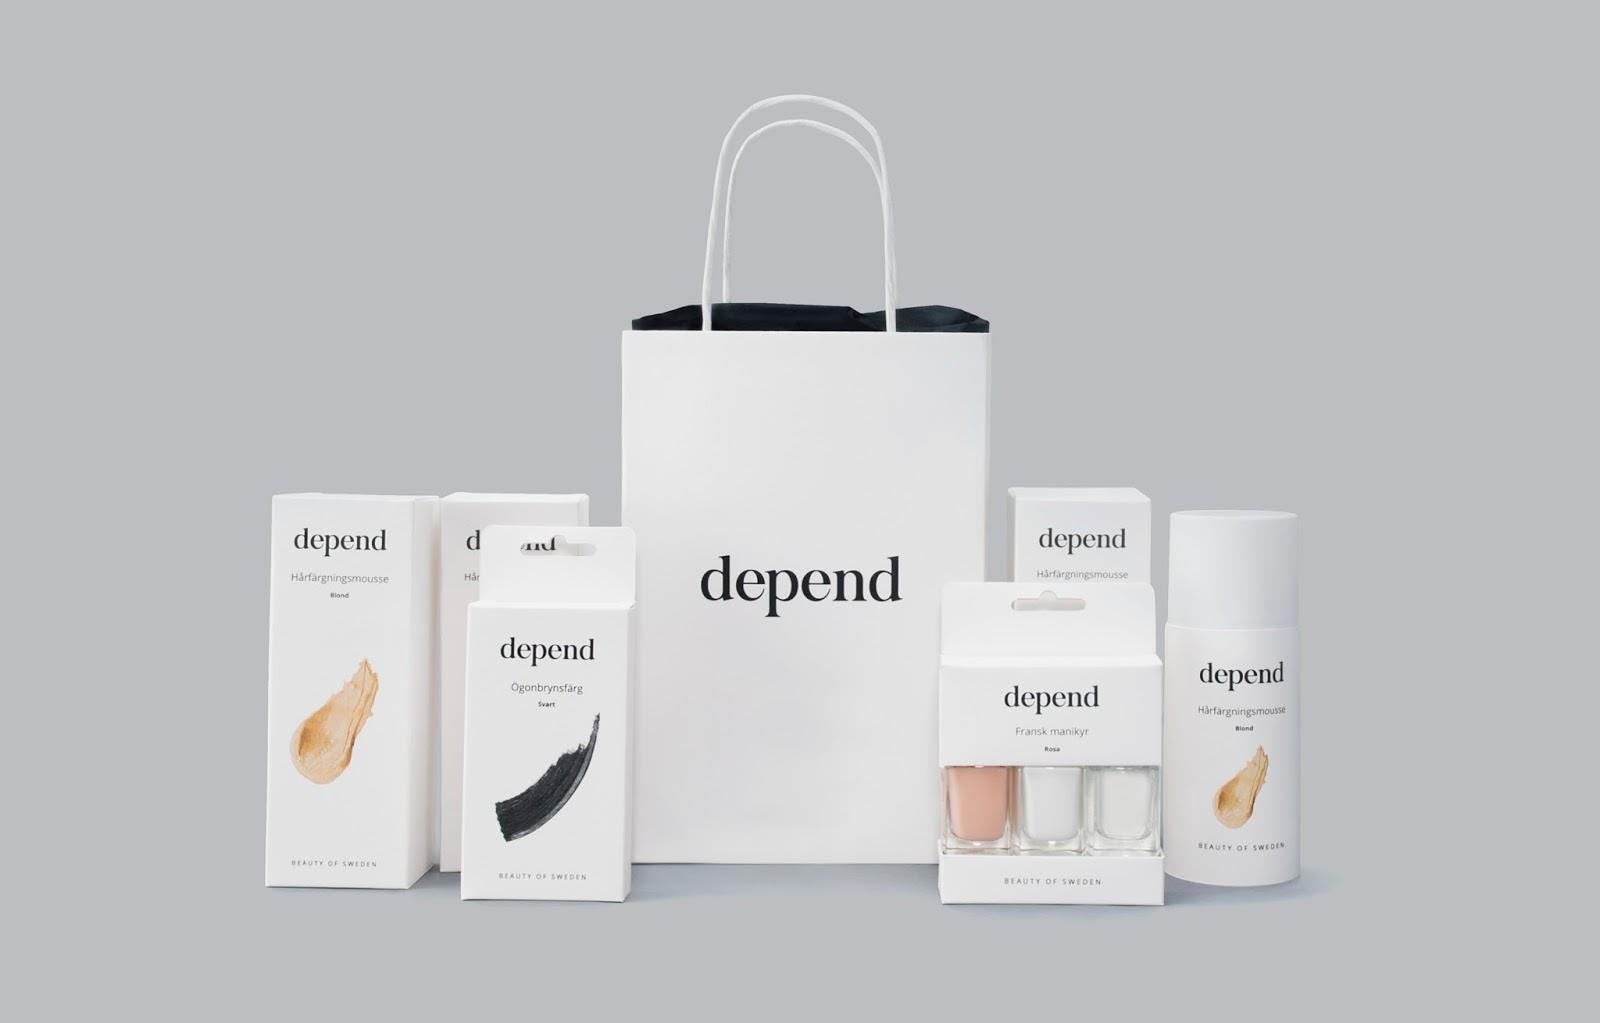 Tìm hiểu một số yêu cầu về mẫu in túi giấy mỹ phẩm